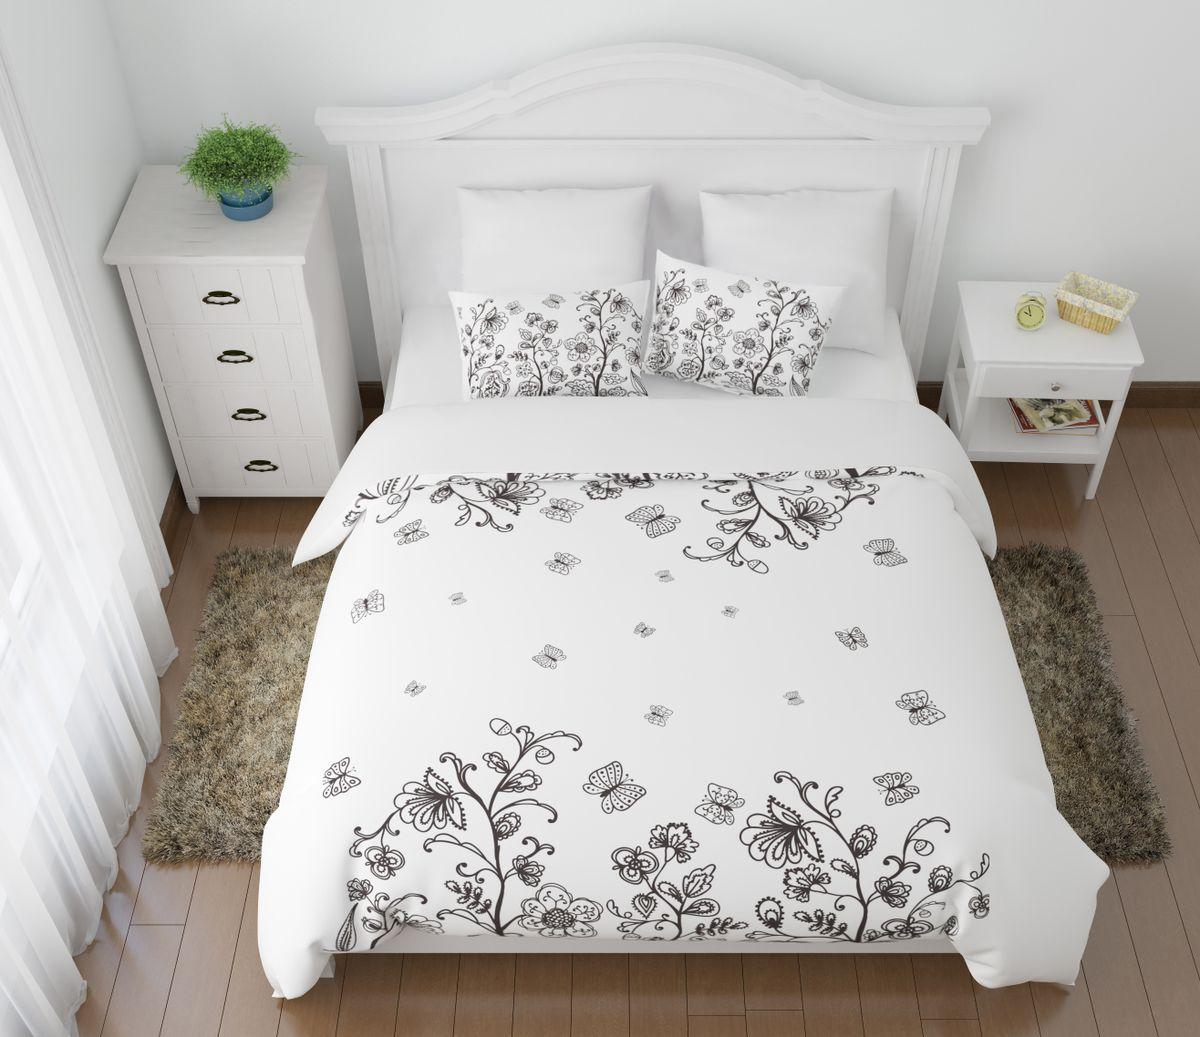 Комплект белья Сирень Танго цветов и бабочек, 1,5-спальный, наволочки 50x7004523-КПБ-МКомплект постельного белья Сирень состоит из простыни, пододеяльника и 2 наволочек. Комплект выполнен из современных гипоаллергенных материалов. Приятный при прикосновении сатин - гарантия здорового, спокойного сна. Ткань хорошо впитывает влагу, надолго сохраняет яркость красок. Четкий, изящный рисунок в сочетании с насыщенными красками делает комплект постельного белья неповторимой изюминкой любого интерьера. Постельное белье идеально подойдет для подарка.